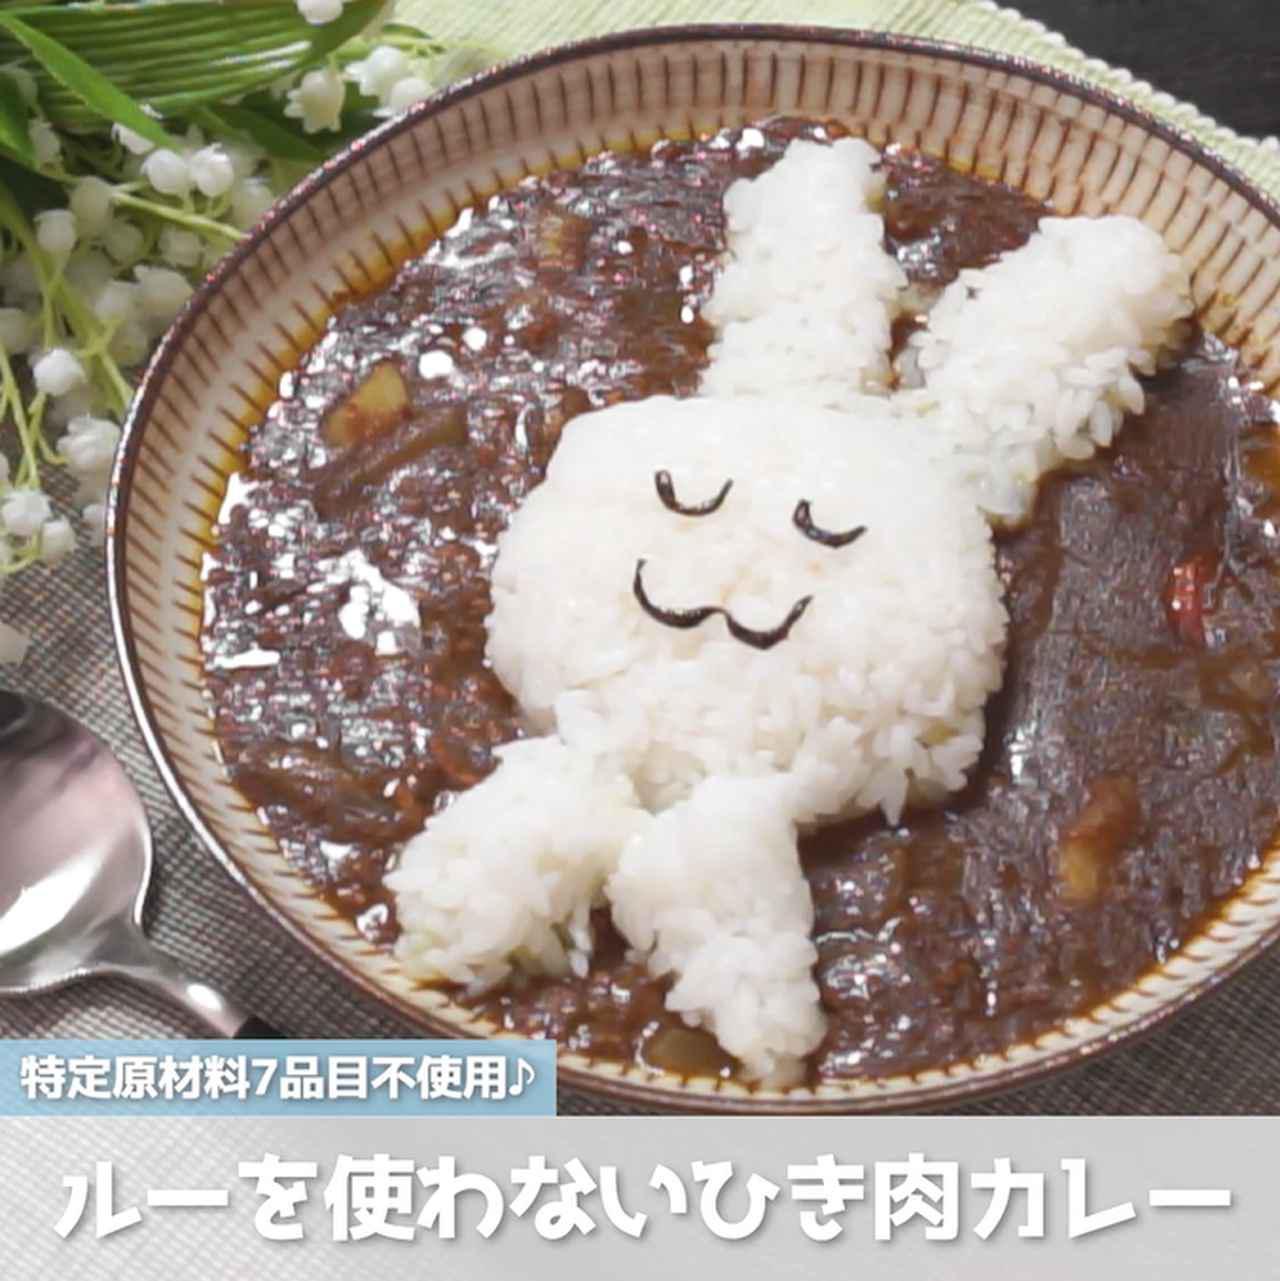 画像: とろみは米粉でつくる!?ルーを使わないひき肉カレー - 君とごはん